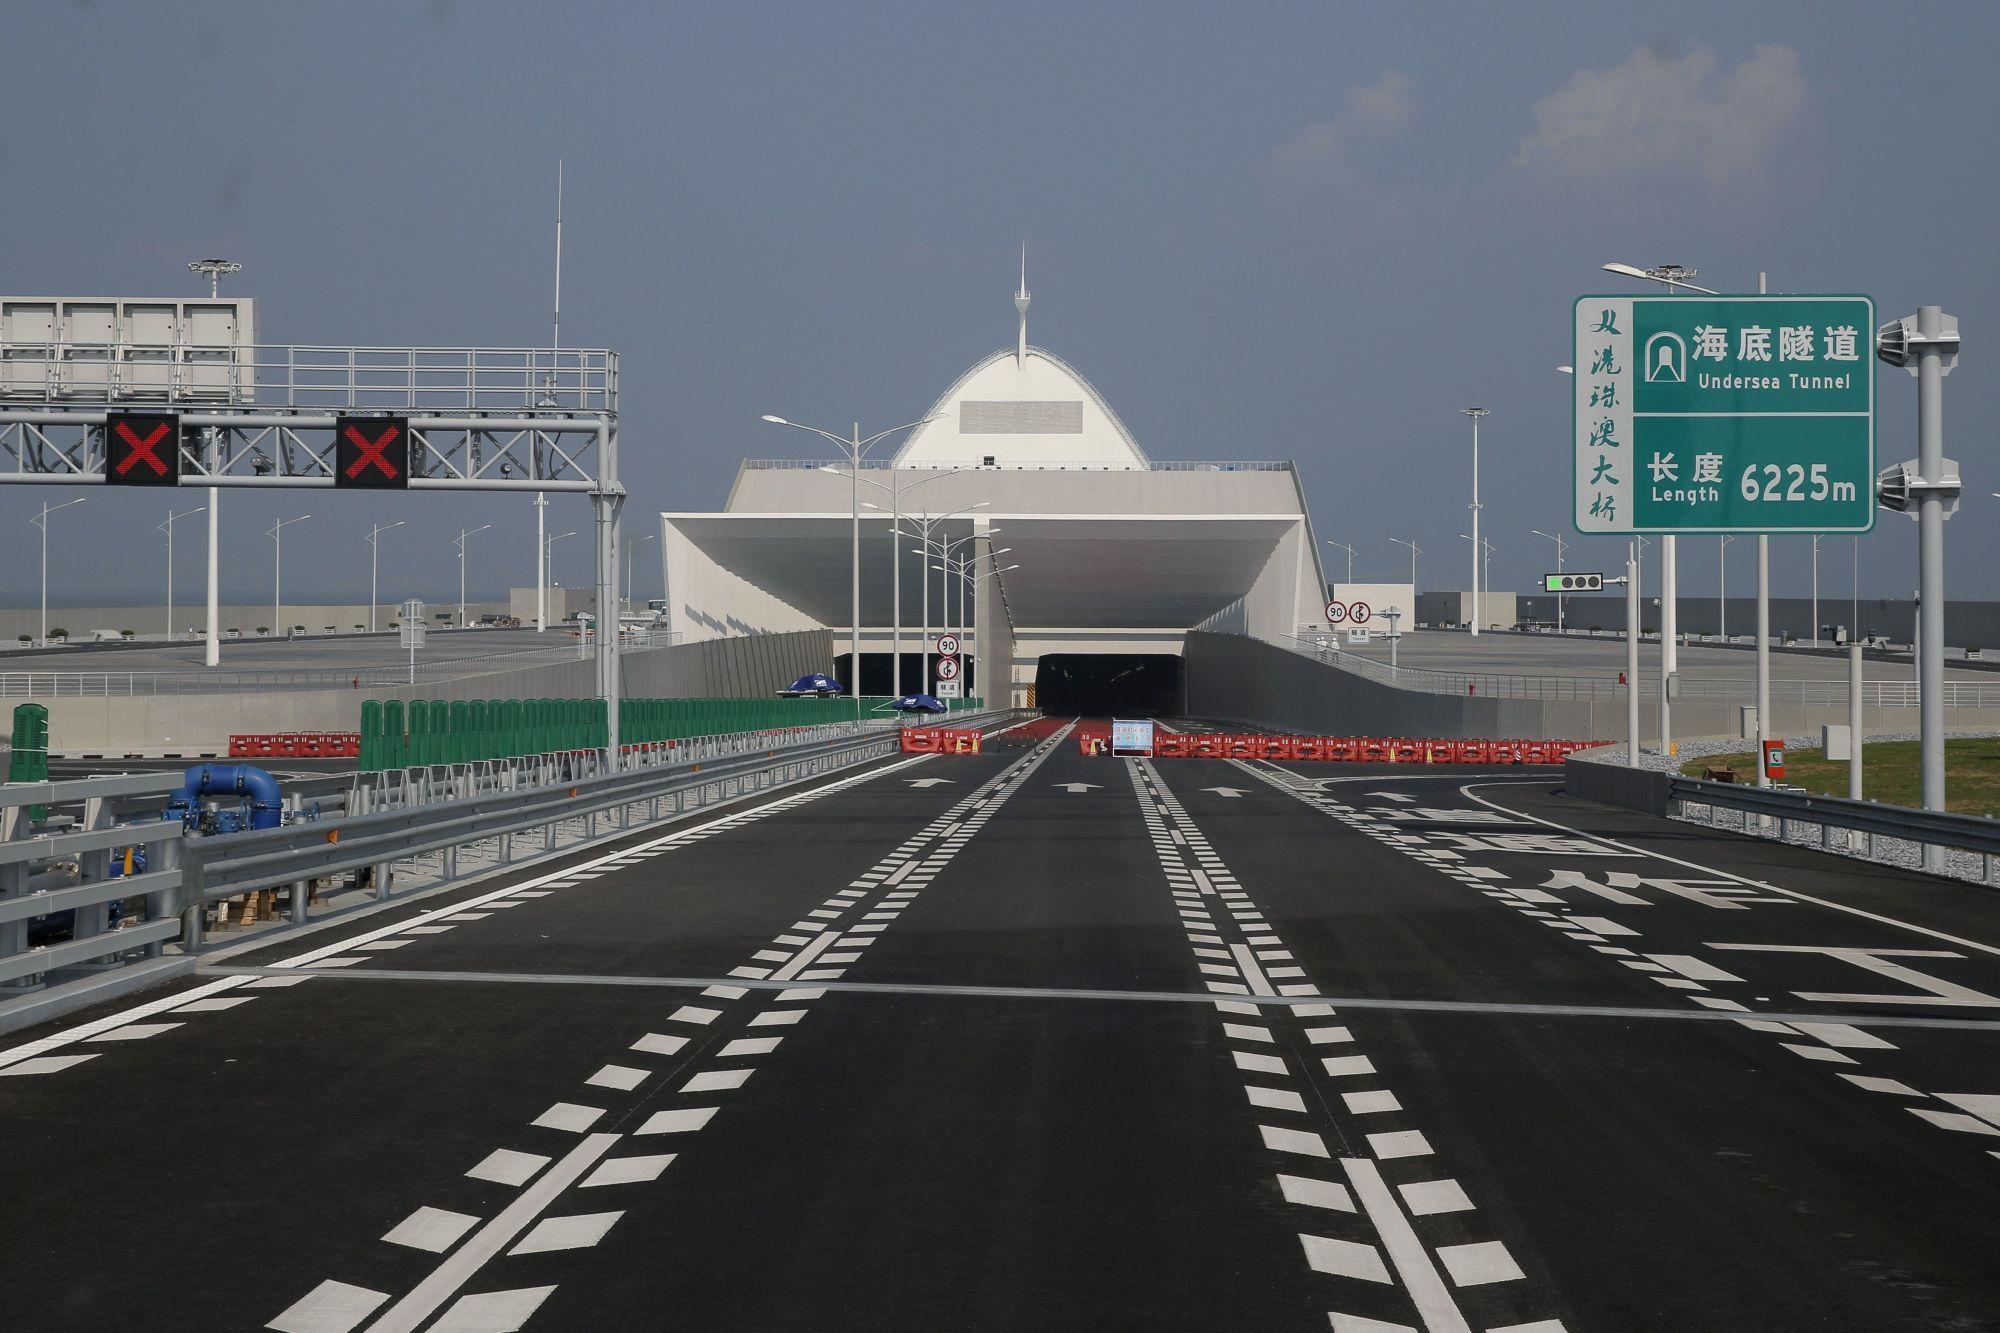 A Hongkong-Csuhaj-Makaó híd, a világ leghosszabb, tengeren átívelő hídja a dél-kínai Kuangtung tartományban fekvő Csuhajban 2018. március 28-án. A három várost a Gyöngy-folyó torkolatvidékén összekötő híd teljes hossza 55 kilométer, ebbõl a főhíd 23 kilométer, az alagút 6,7 kilométer, és két mesterséges sziget is része a létesítménynek. (MTI/AP/Kin Csöung)